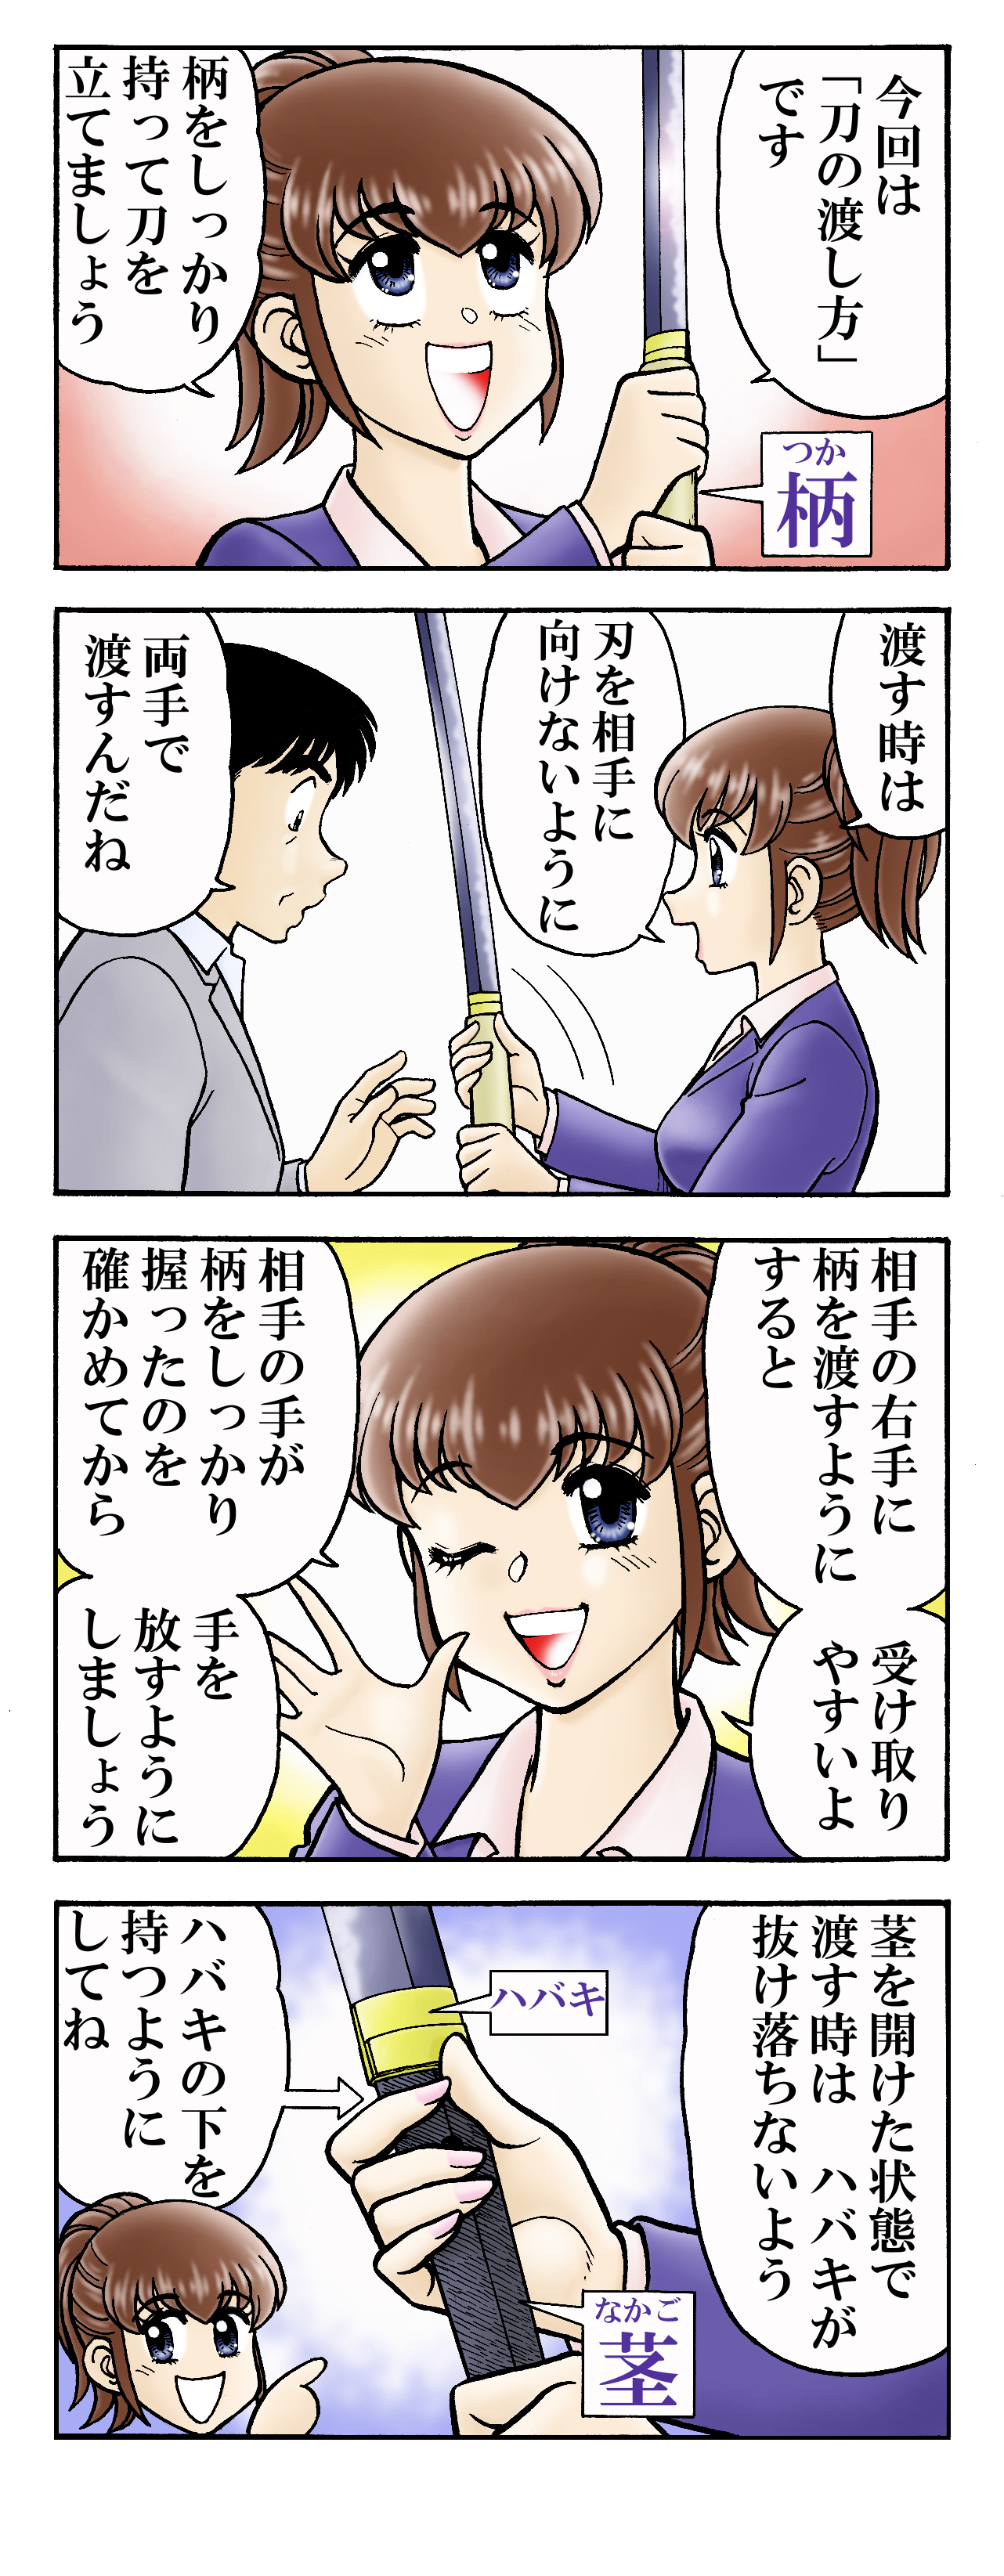 日本美術刀剣保存協会 静岡県支部刀剣マナー講座その7「刀の手渡し方」